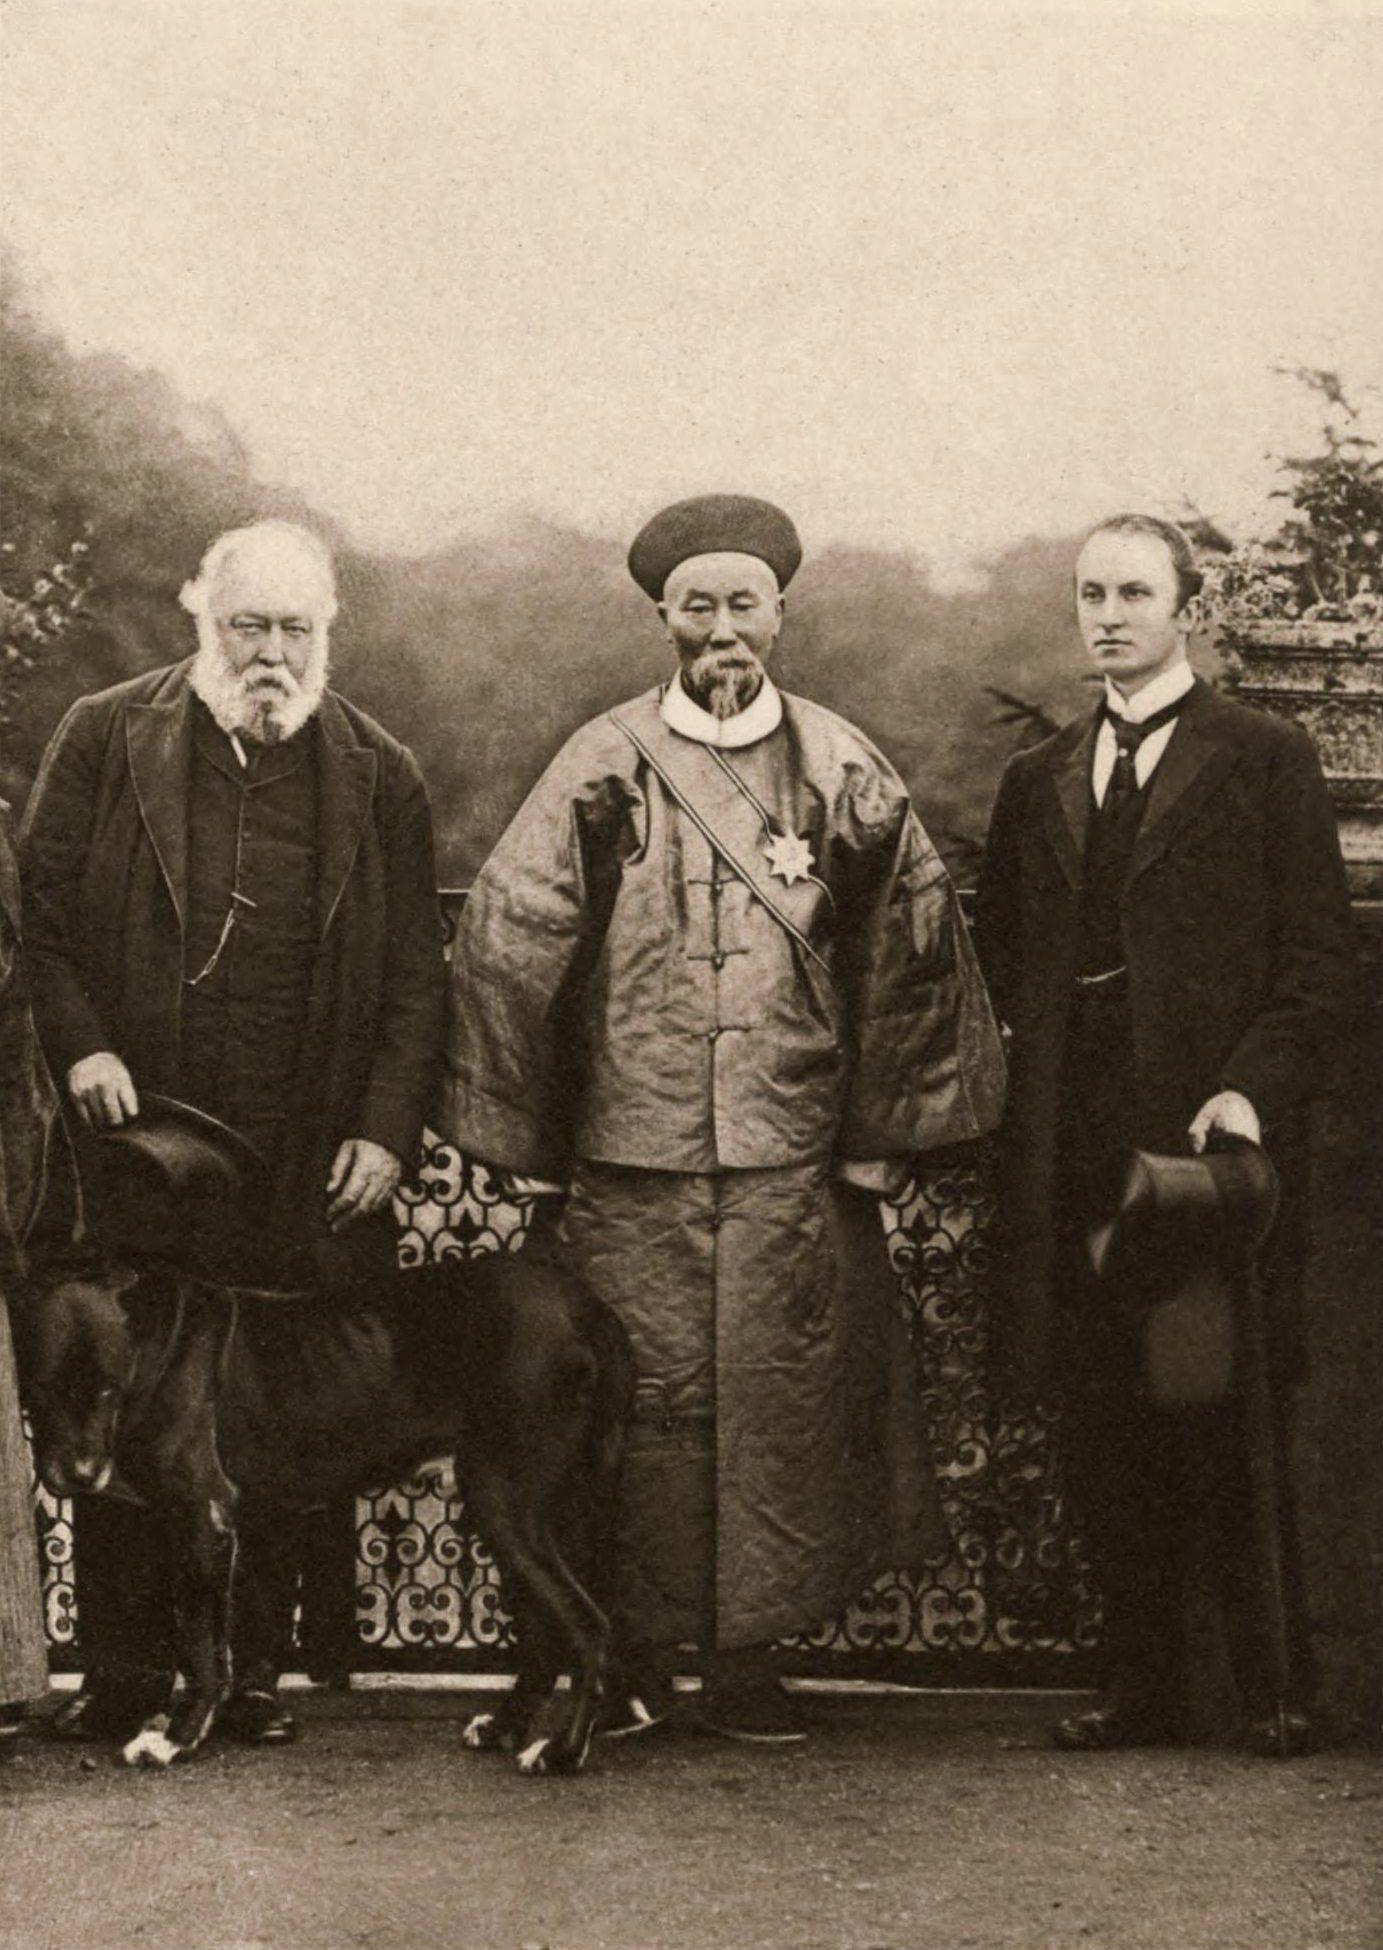 Li and Lord Salisbury